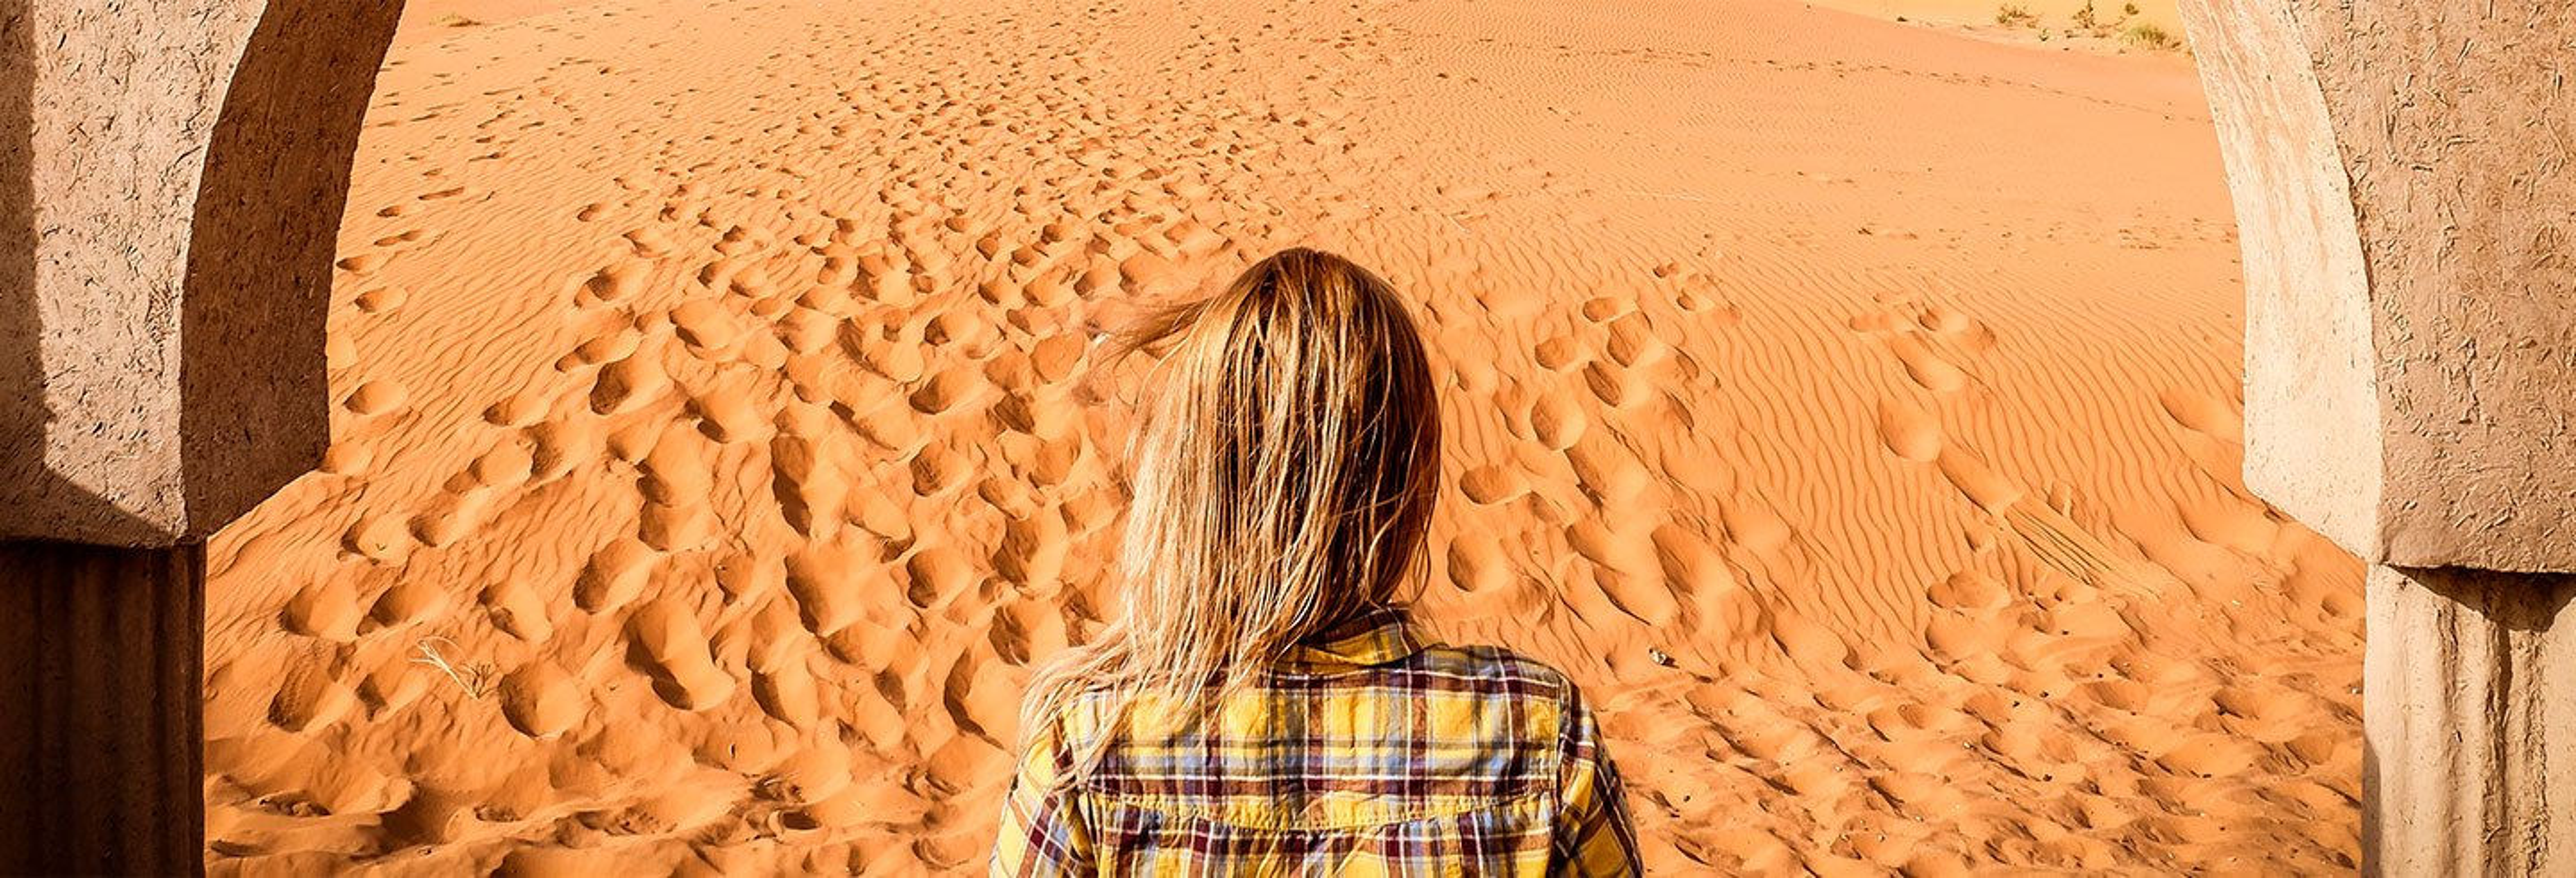 Excursión de 3 días al desierto de Merzouga